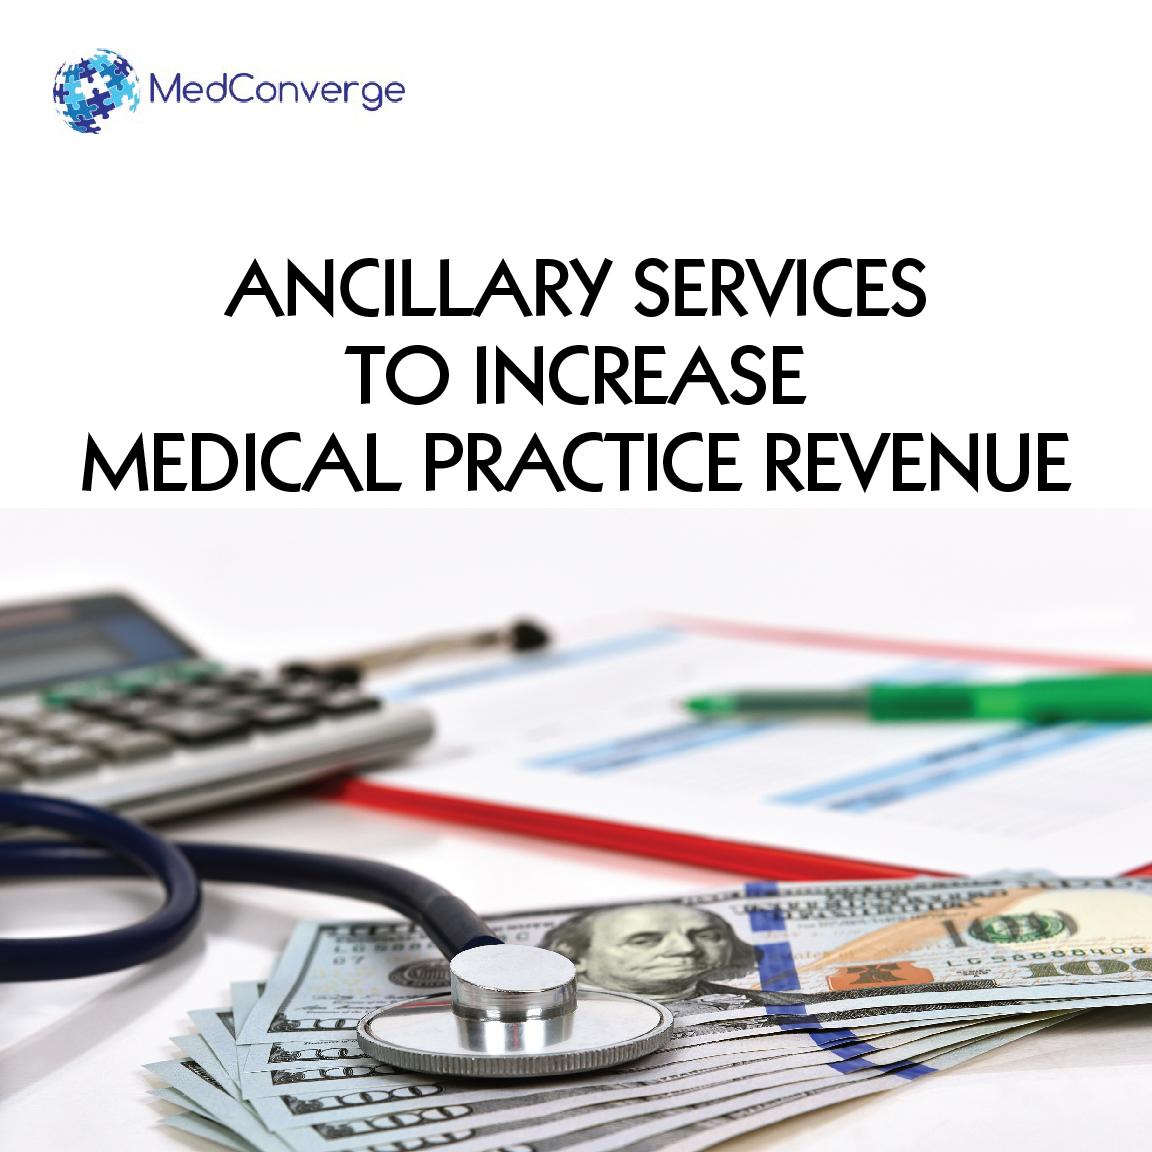 Medical Practice Revenue